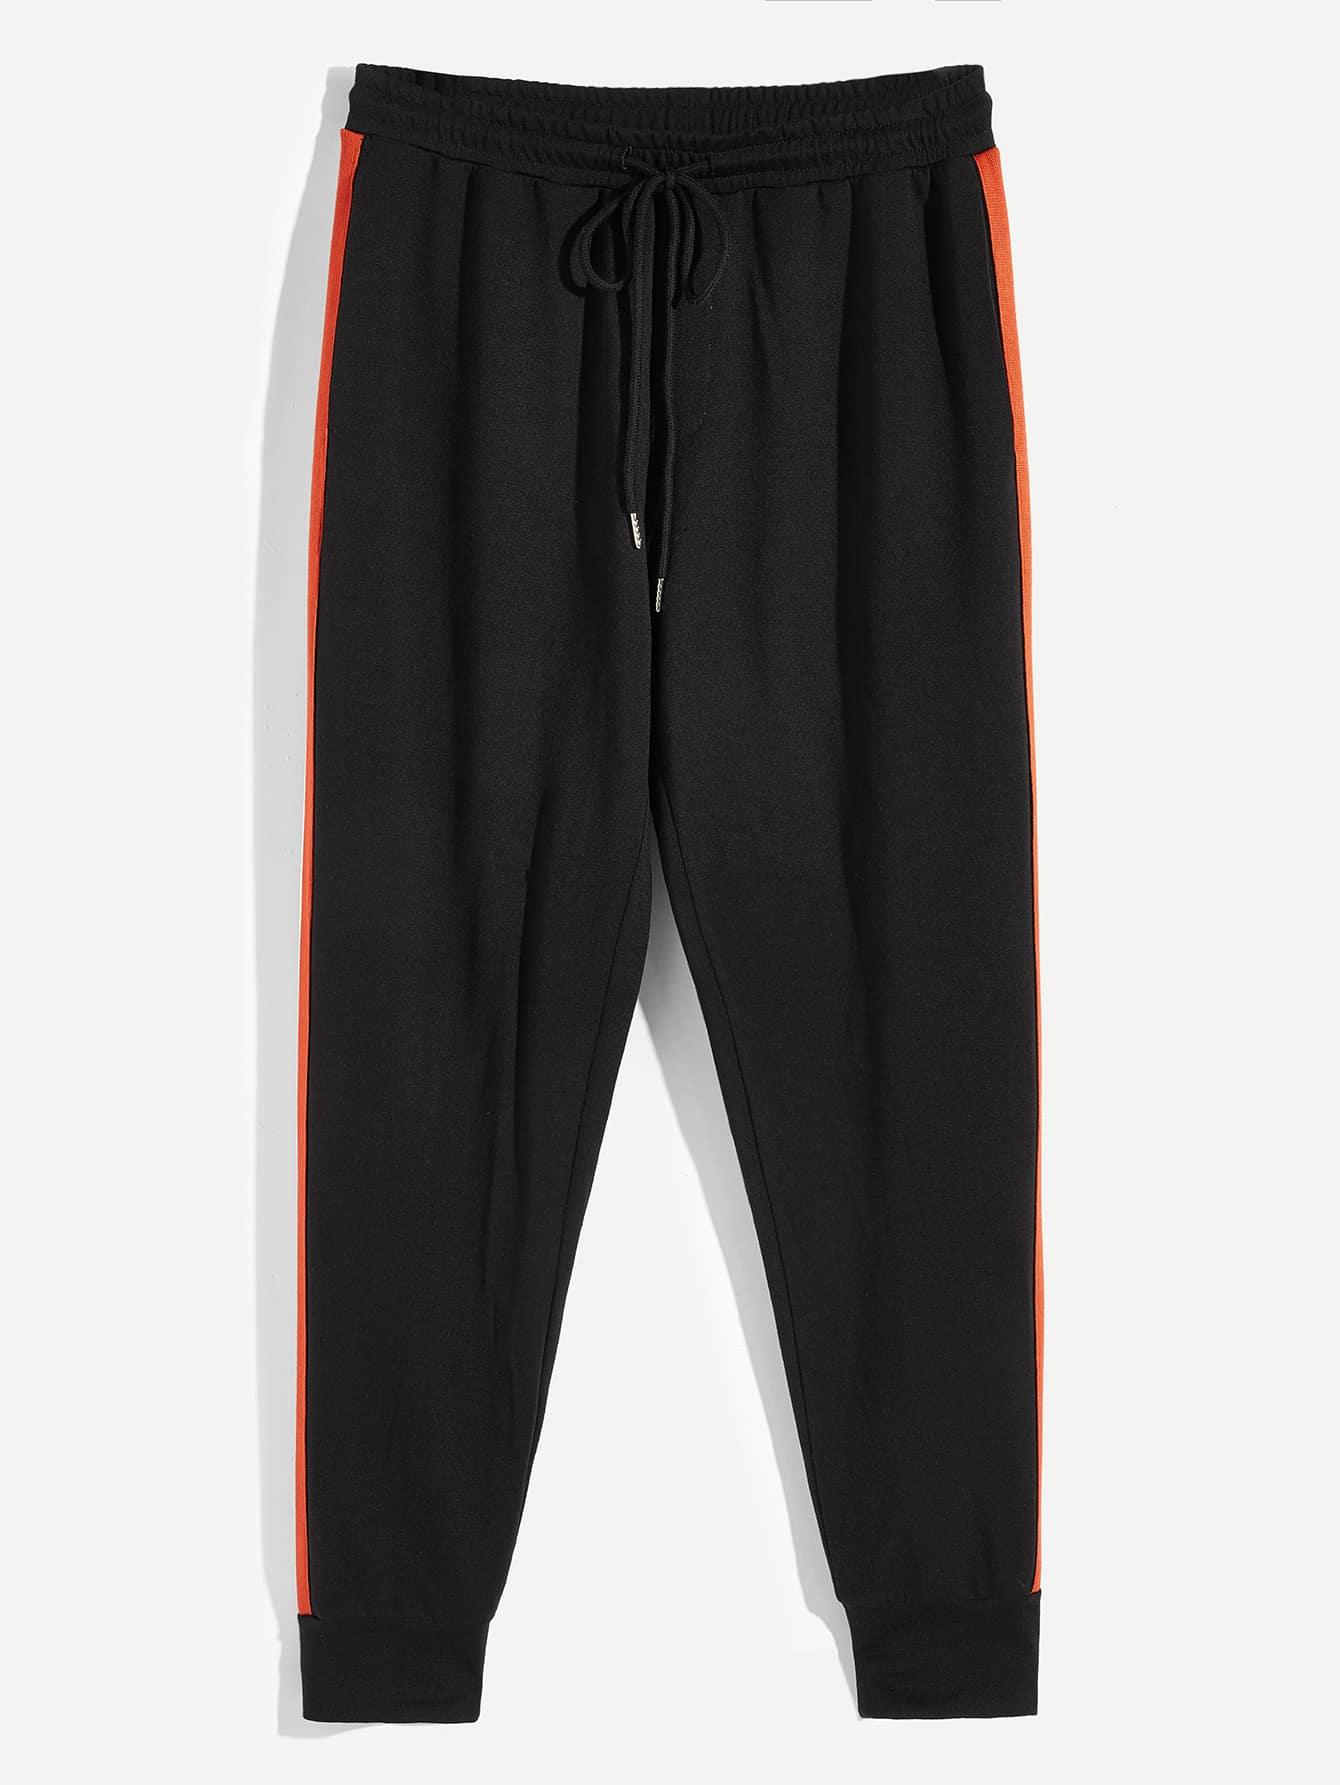 Купить Мужские спортивные брюки с кулиской на талии и полосками, null, SheIn